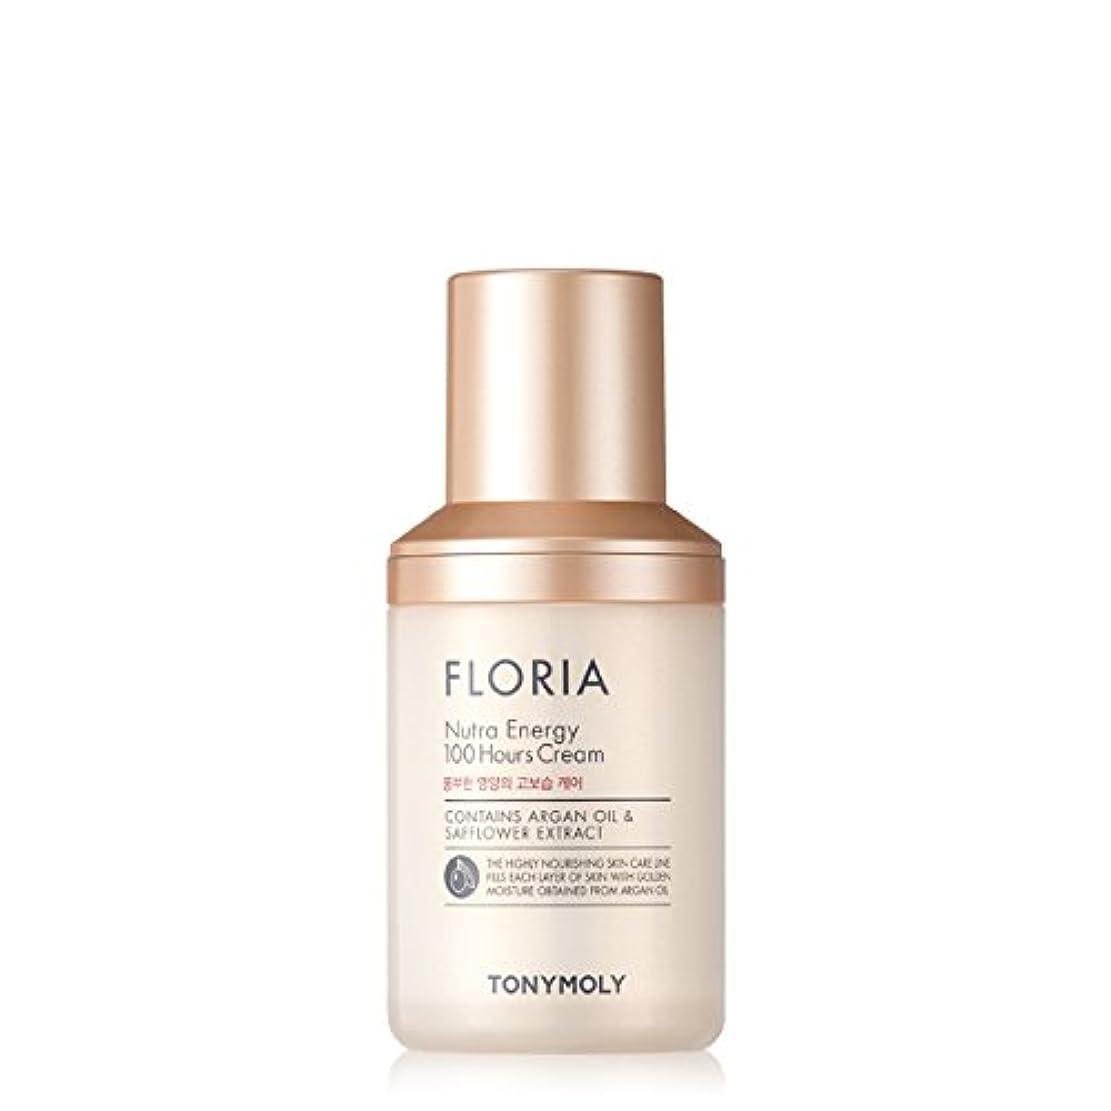 ぞっとするような不透明なドメイン[NEW] TONY MOLY Floria Nutra energy 100 hours Cream 50ml トニーモリー フローリア ニュートラ エナジー 100時間 クリーム 50ml [並行輸入品]